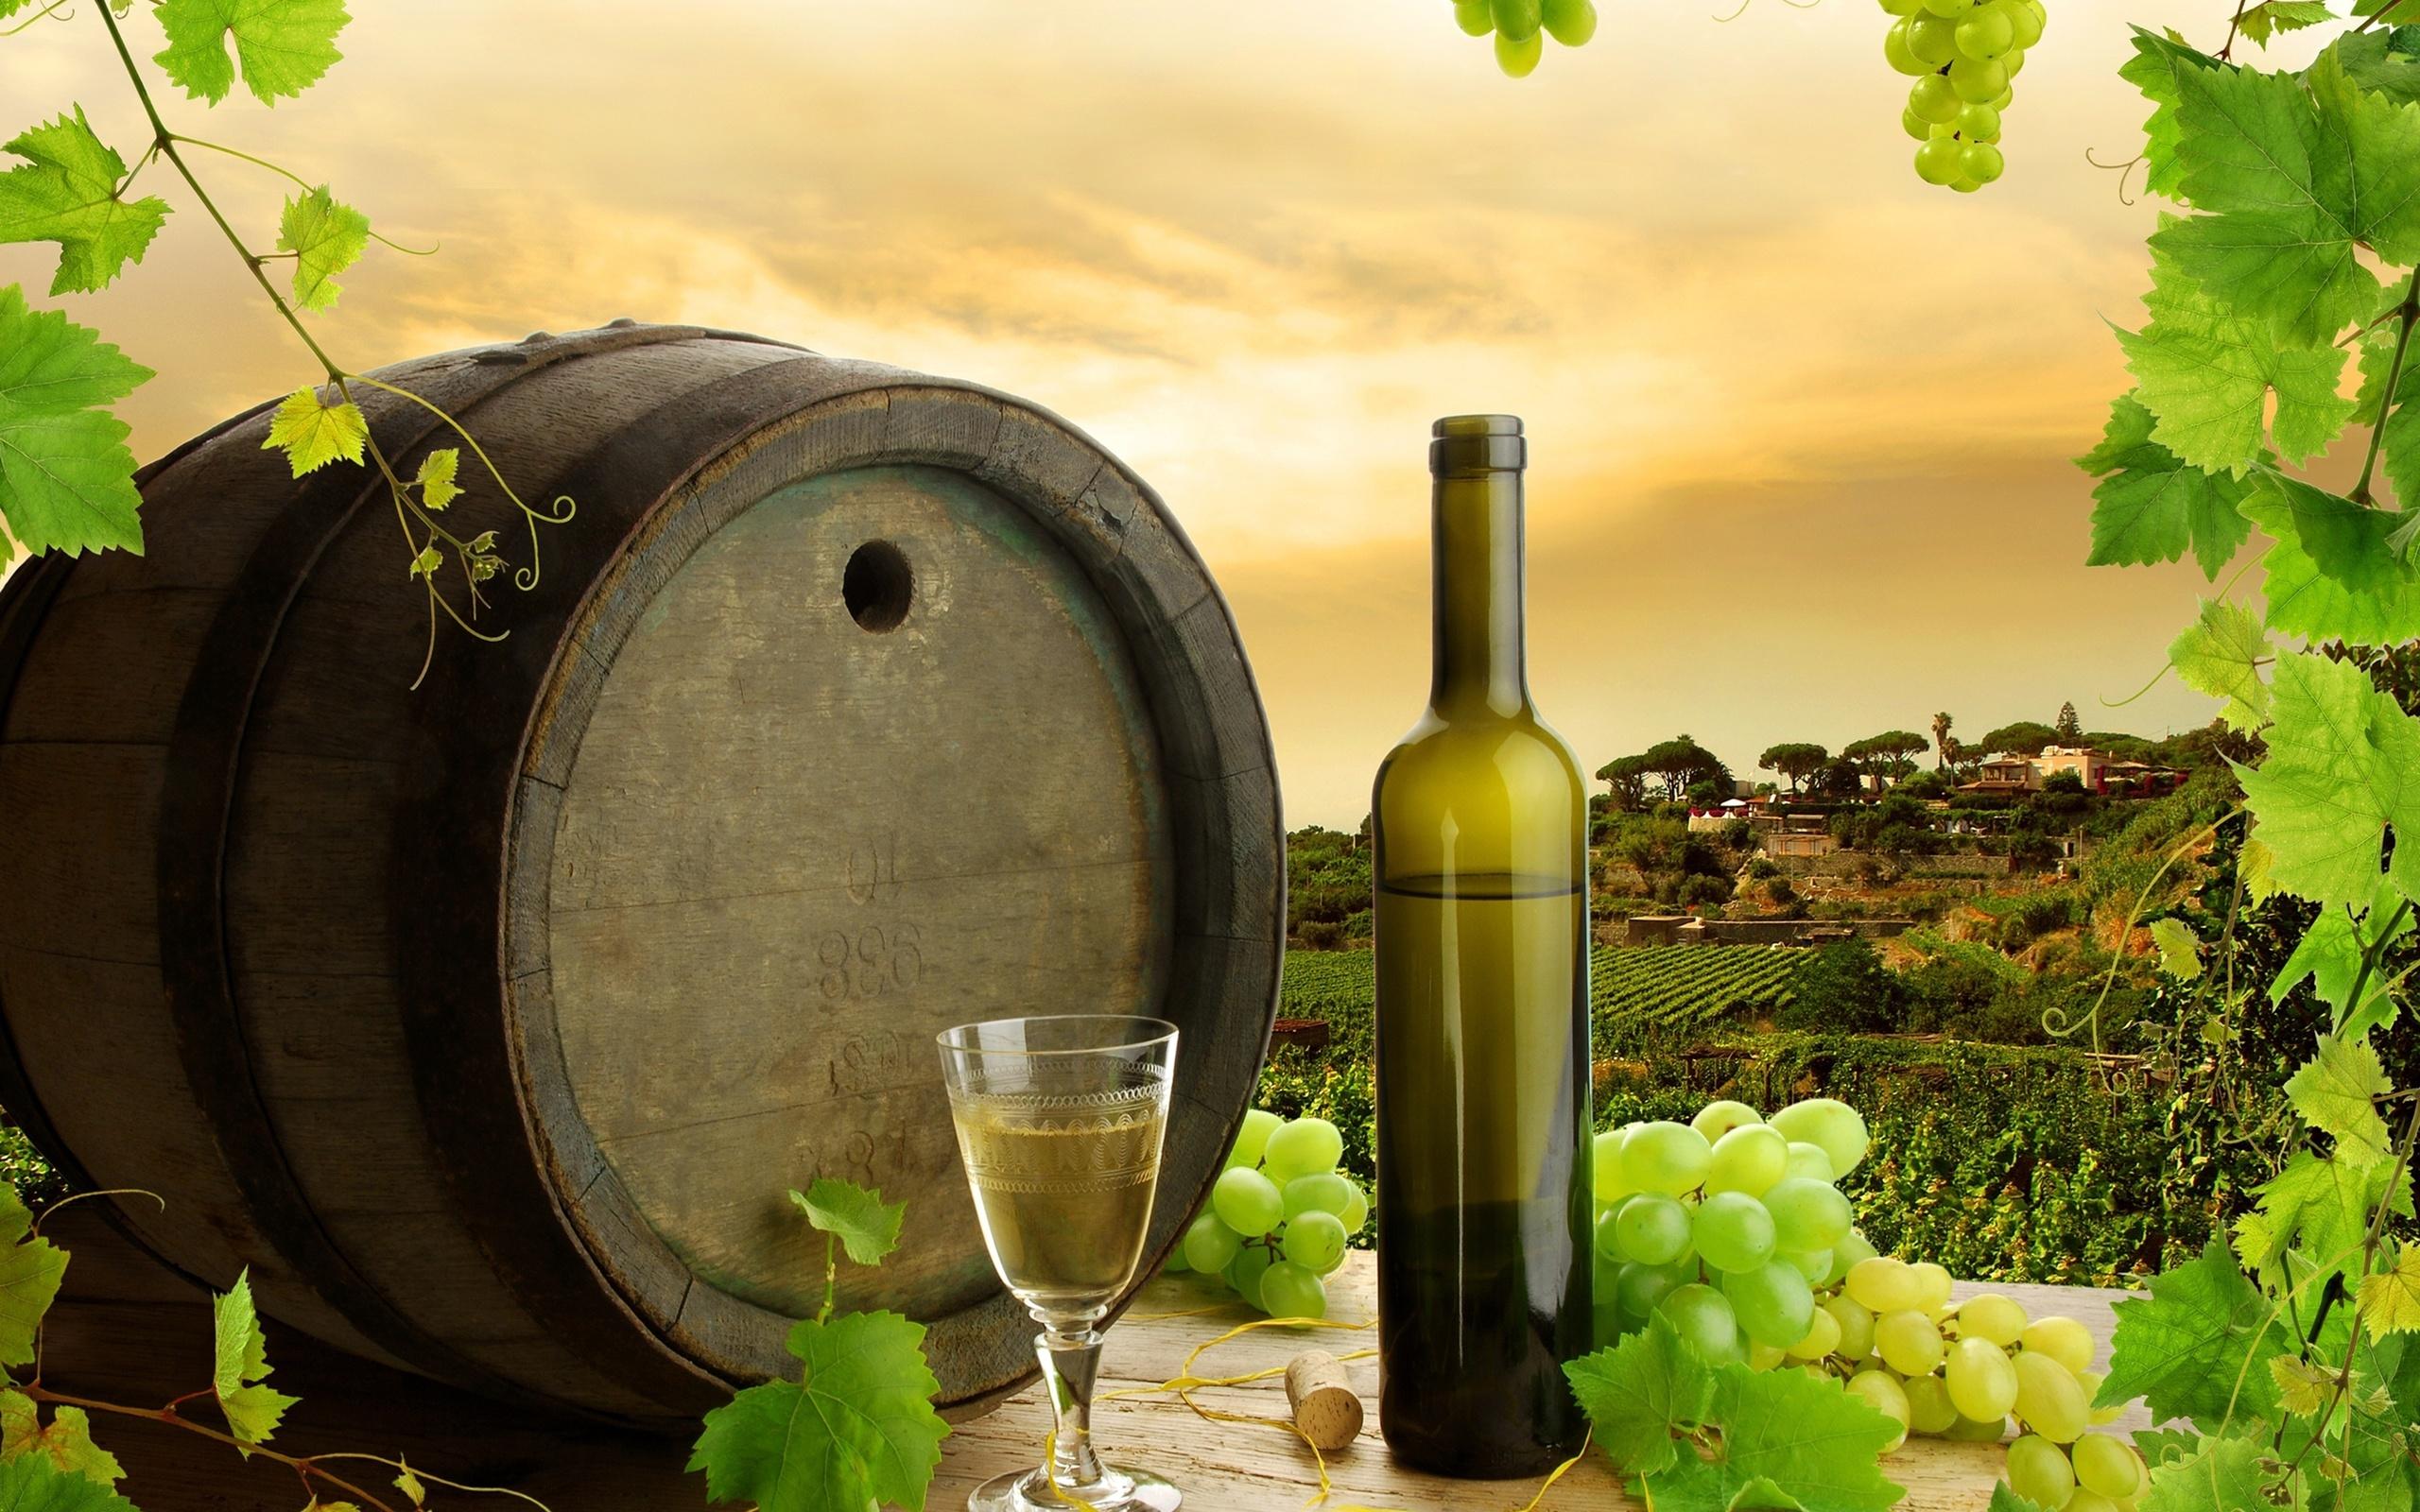 Картинки с виноградом и вином